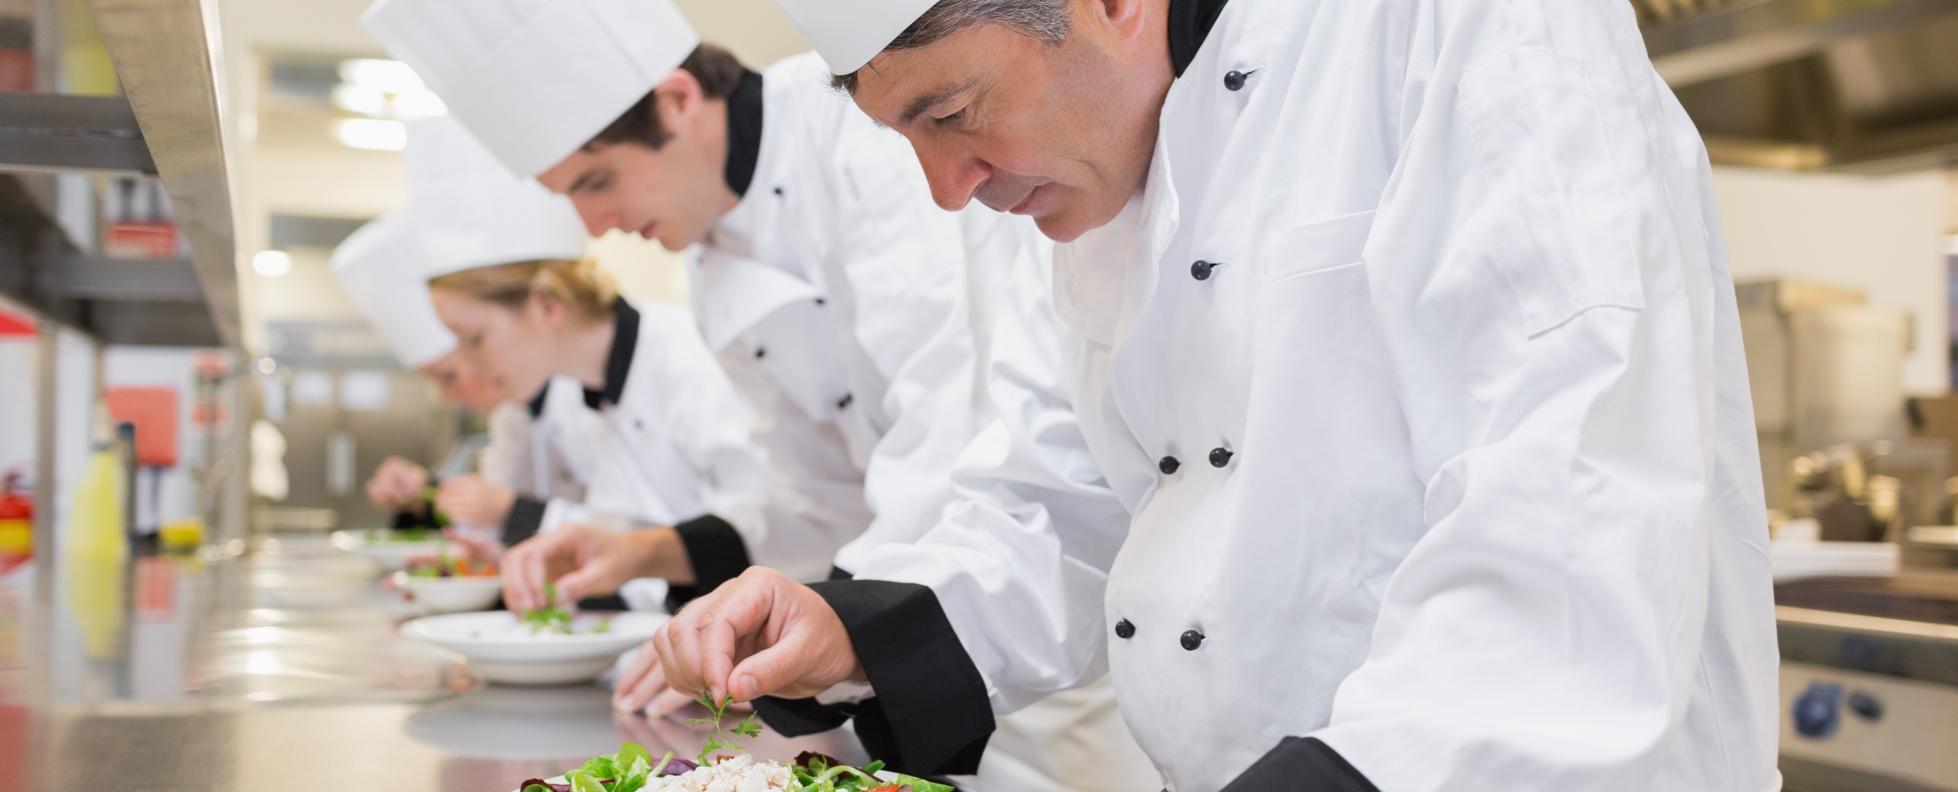 Balatoni Turizmus Szövetség: a bérek jelentősen emelkedtek, a munkaerőhiány kezelhető